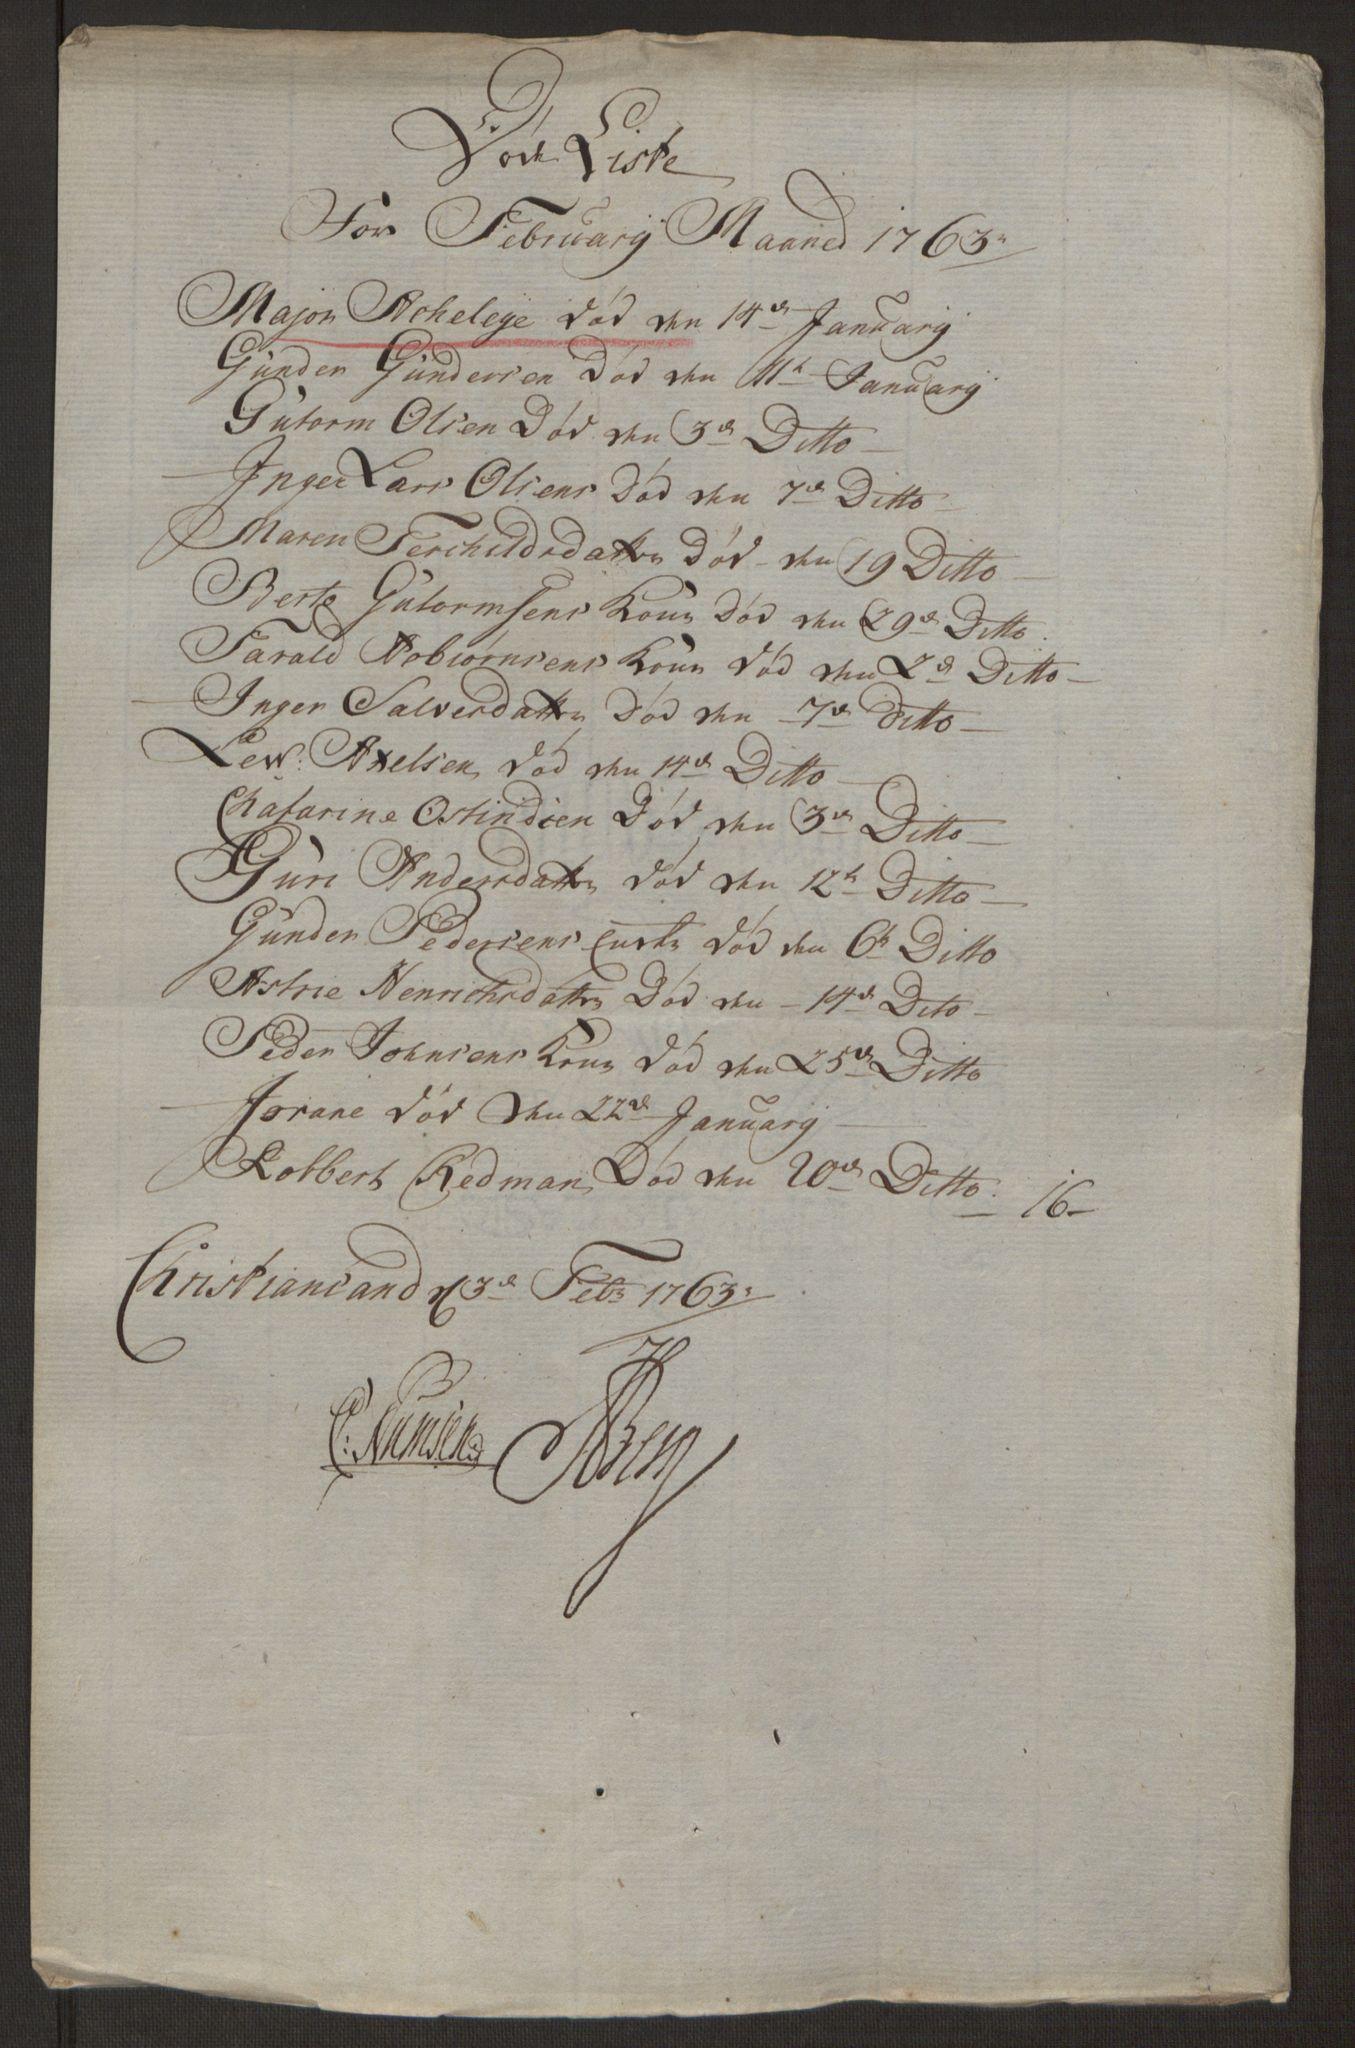 RA, Rentekammeret inntil 1814, Reviderte regnskaper, Byregnskaper, R/Rm/L0265: [M6] Kontribusjonsregnskap, 1762-1764, s. 111